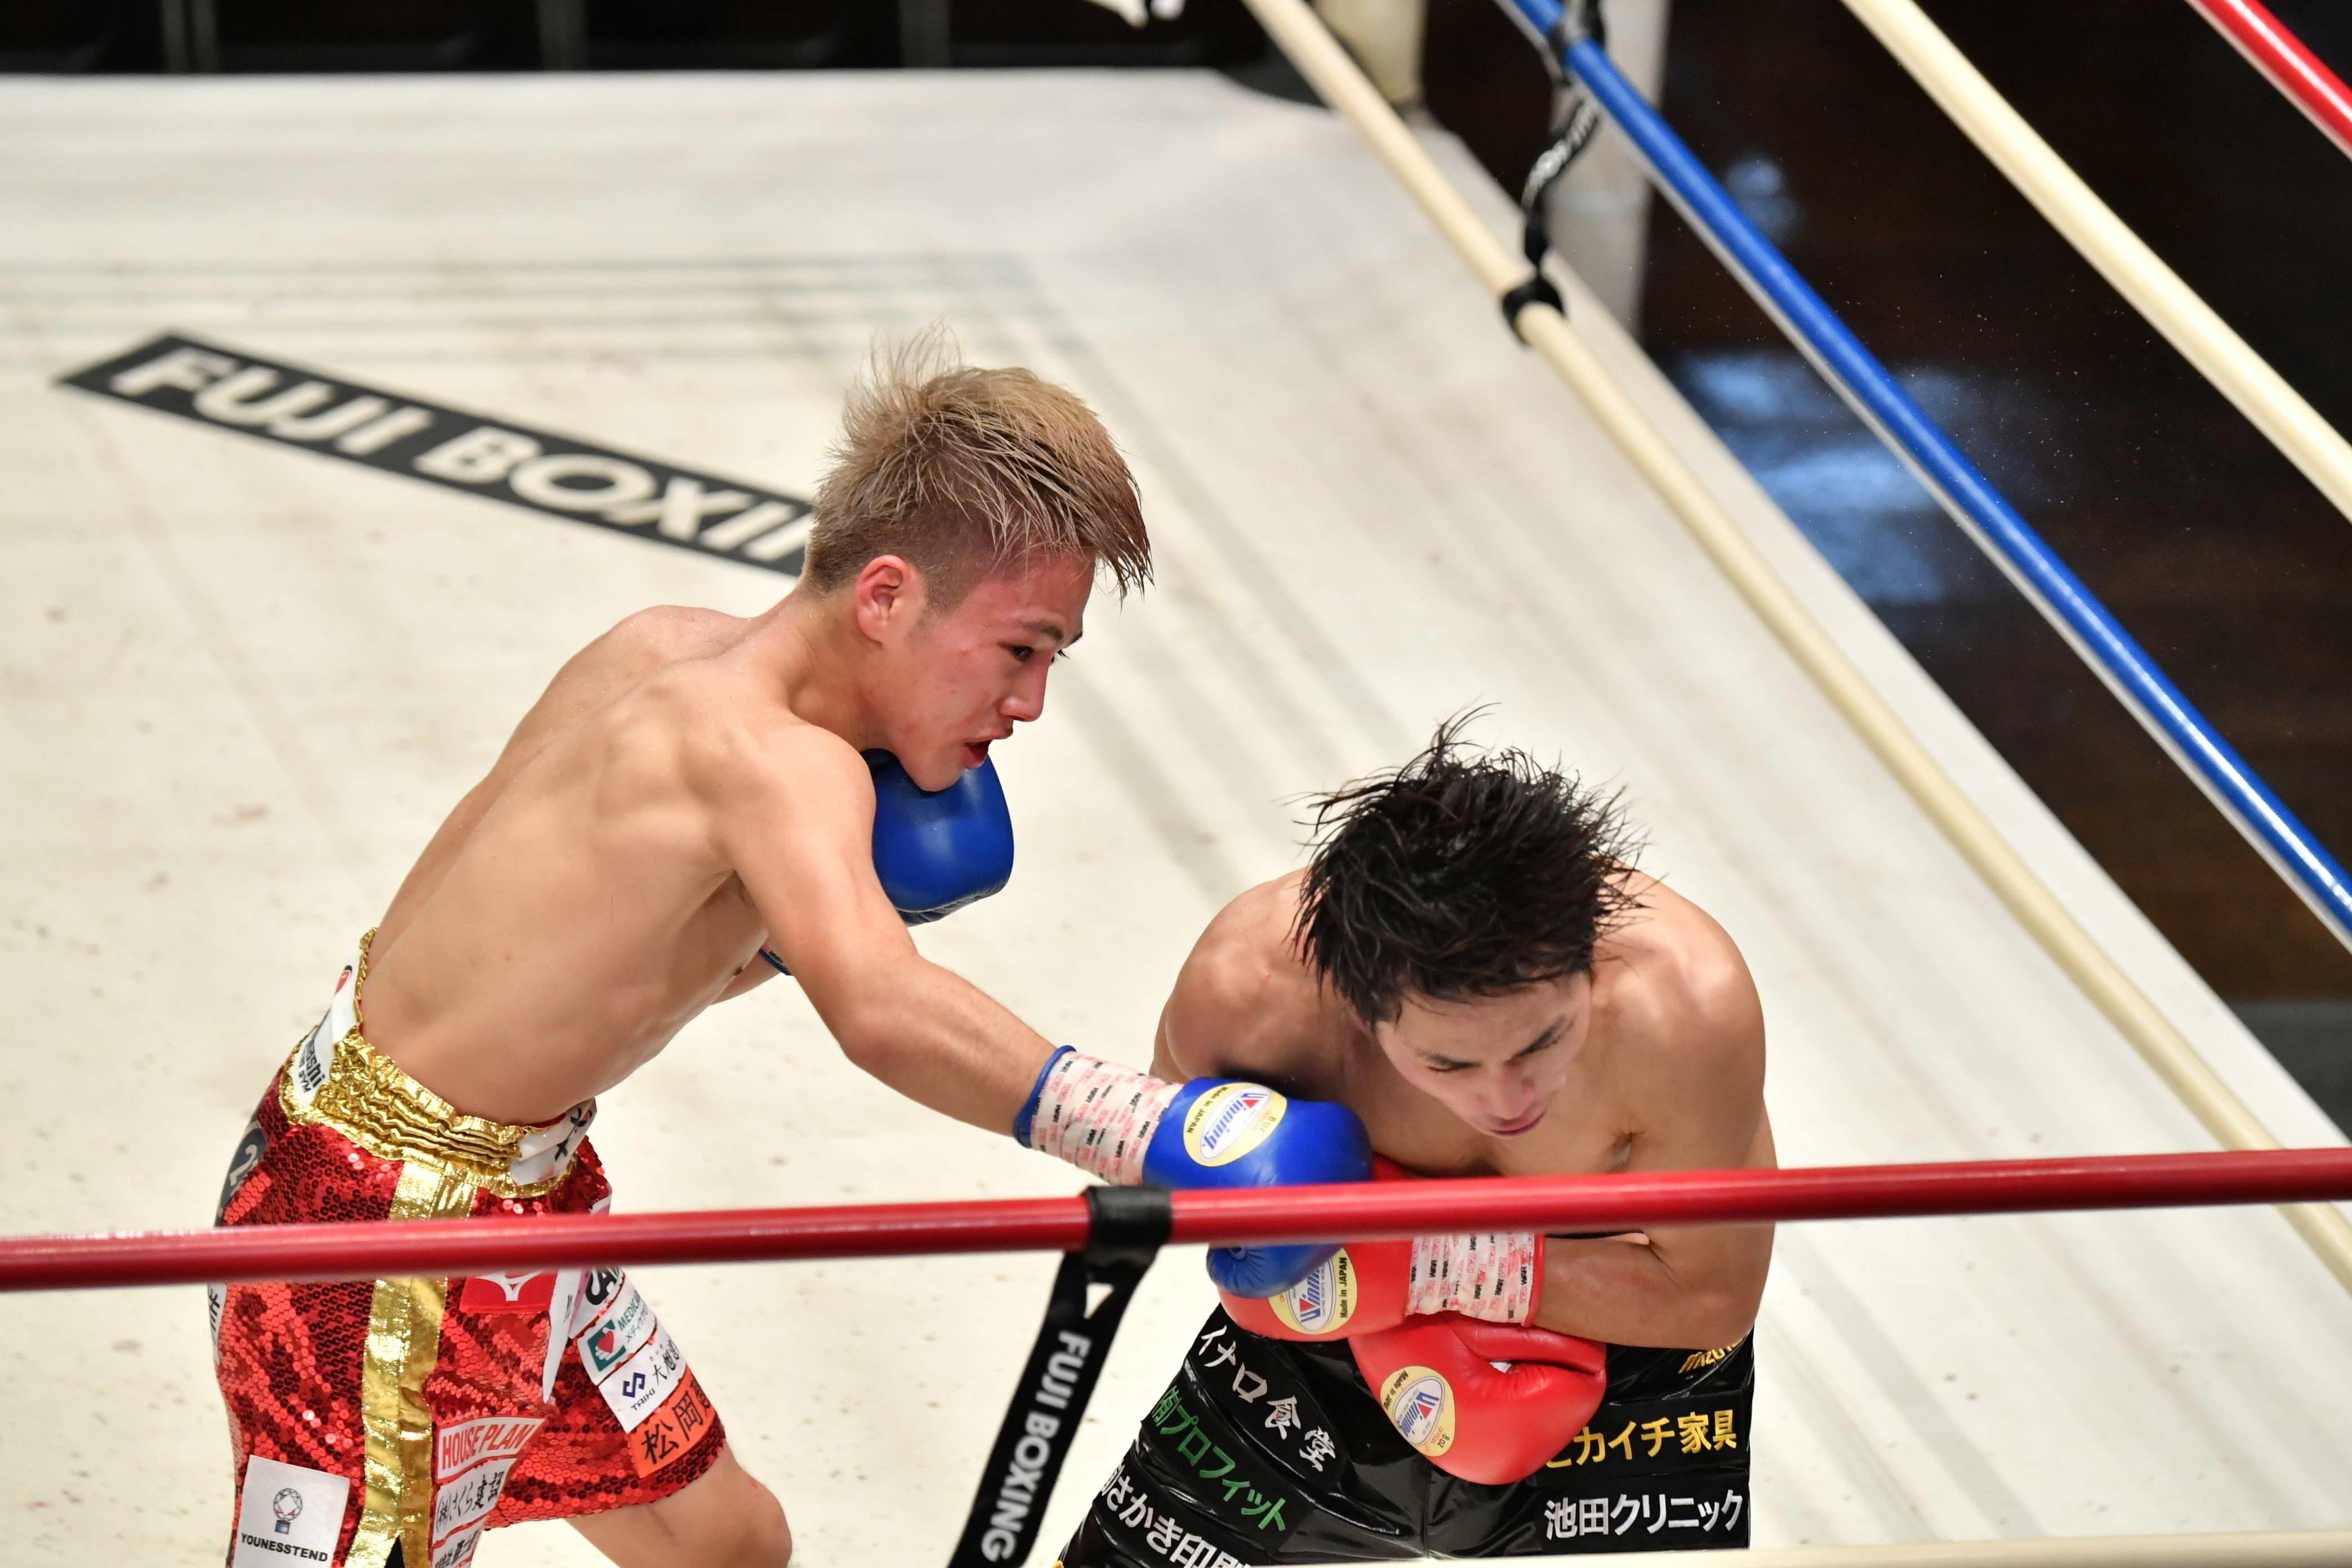 ボクシング】新人王対決は、竹田の巧さに苦しむも森が制す。 | BBM ...